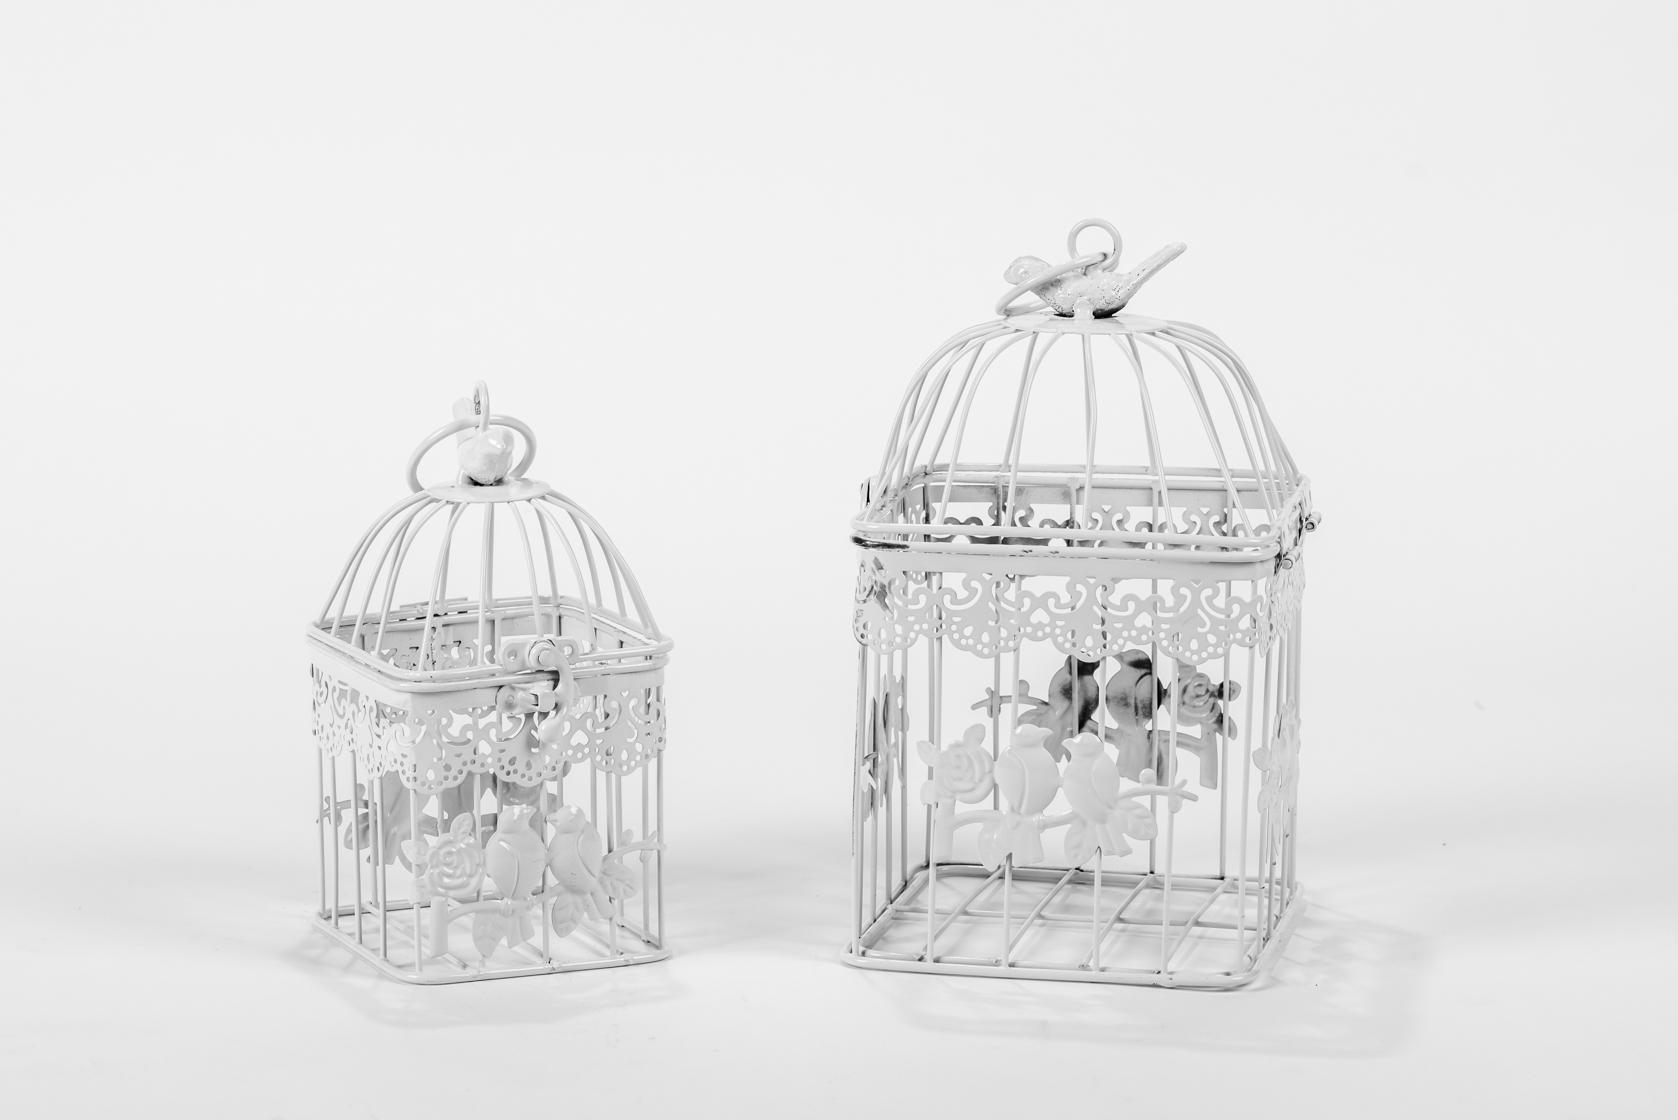 זוג כלובים - ציפורים מרובע